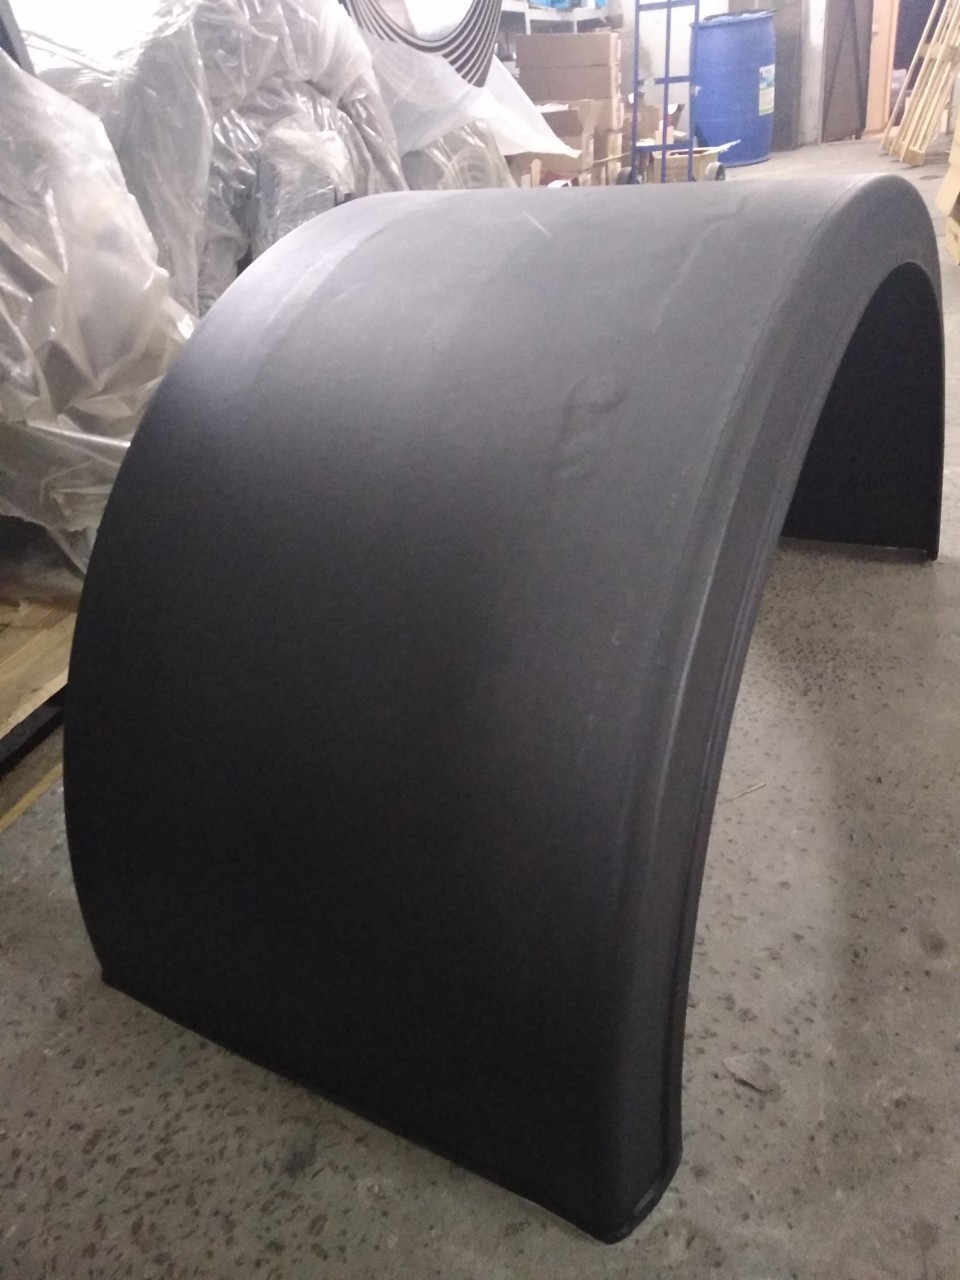 Крыло пластиковое, универсальное для грузовика, на заднюю ось, под спарку: 630( ширина ) X 2100 (длина) x 1335